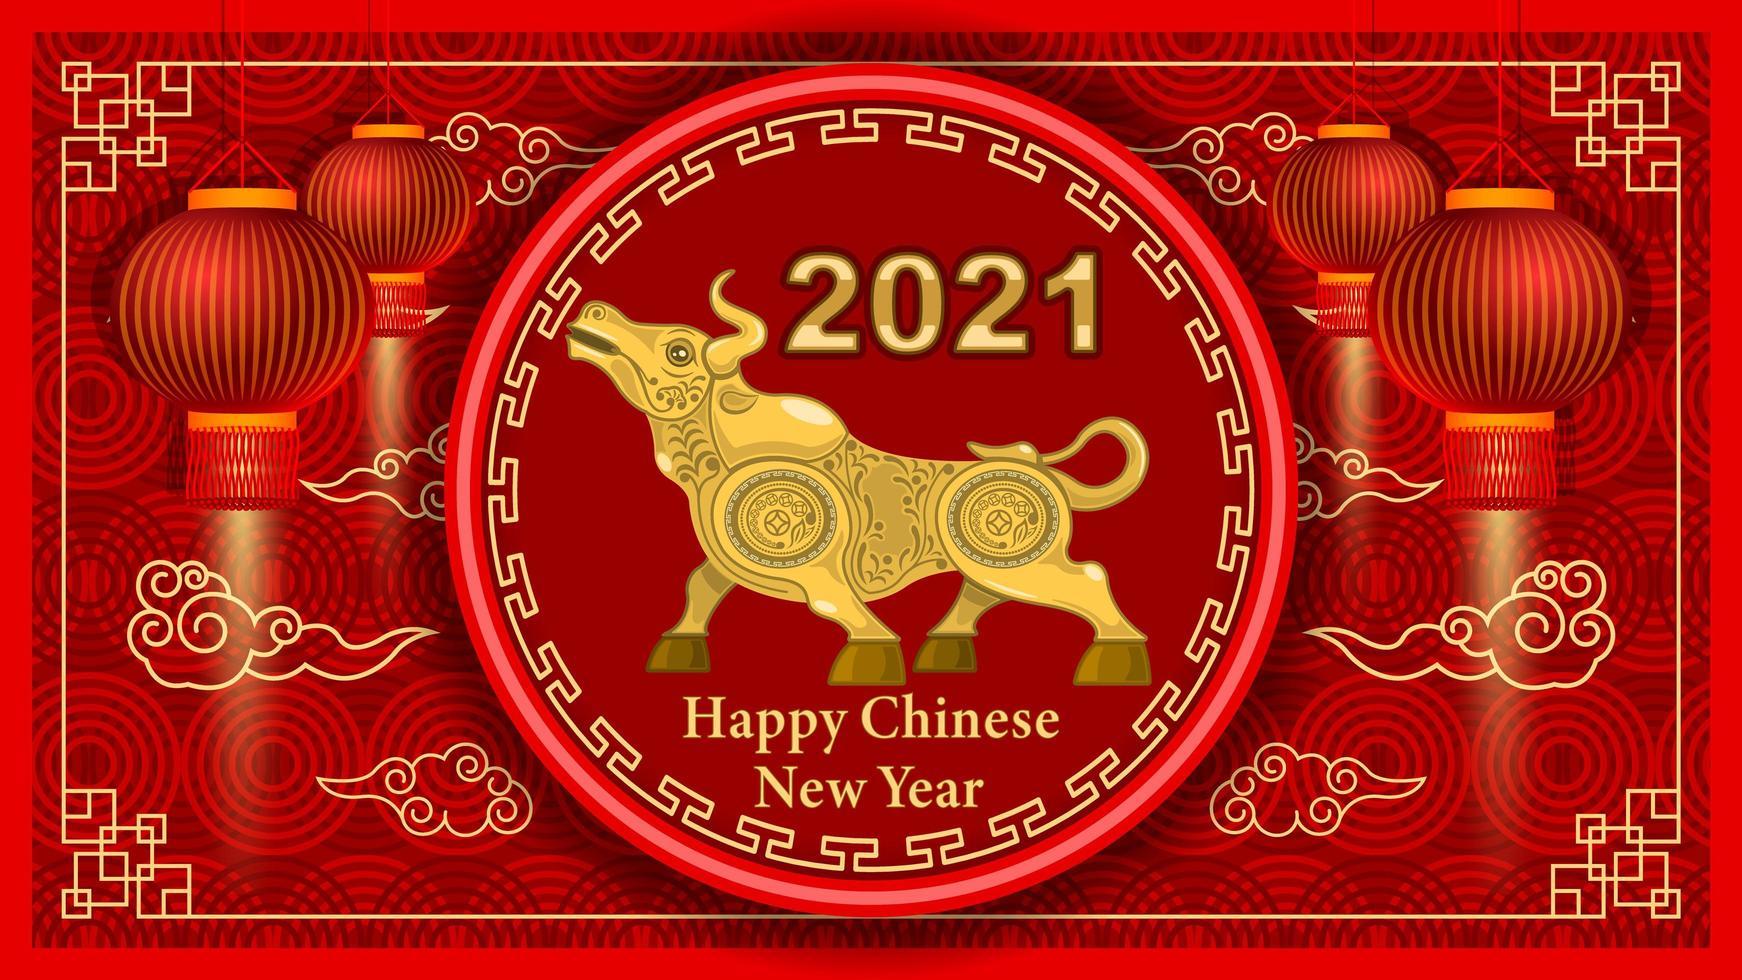 2021 metallguldtjur och mönsterelement på röd bakgrund vektor